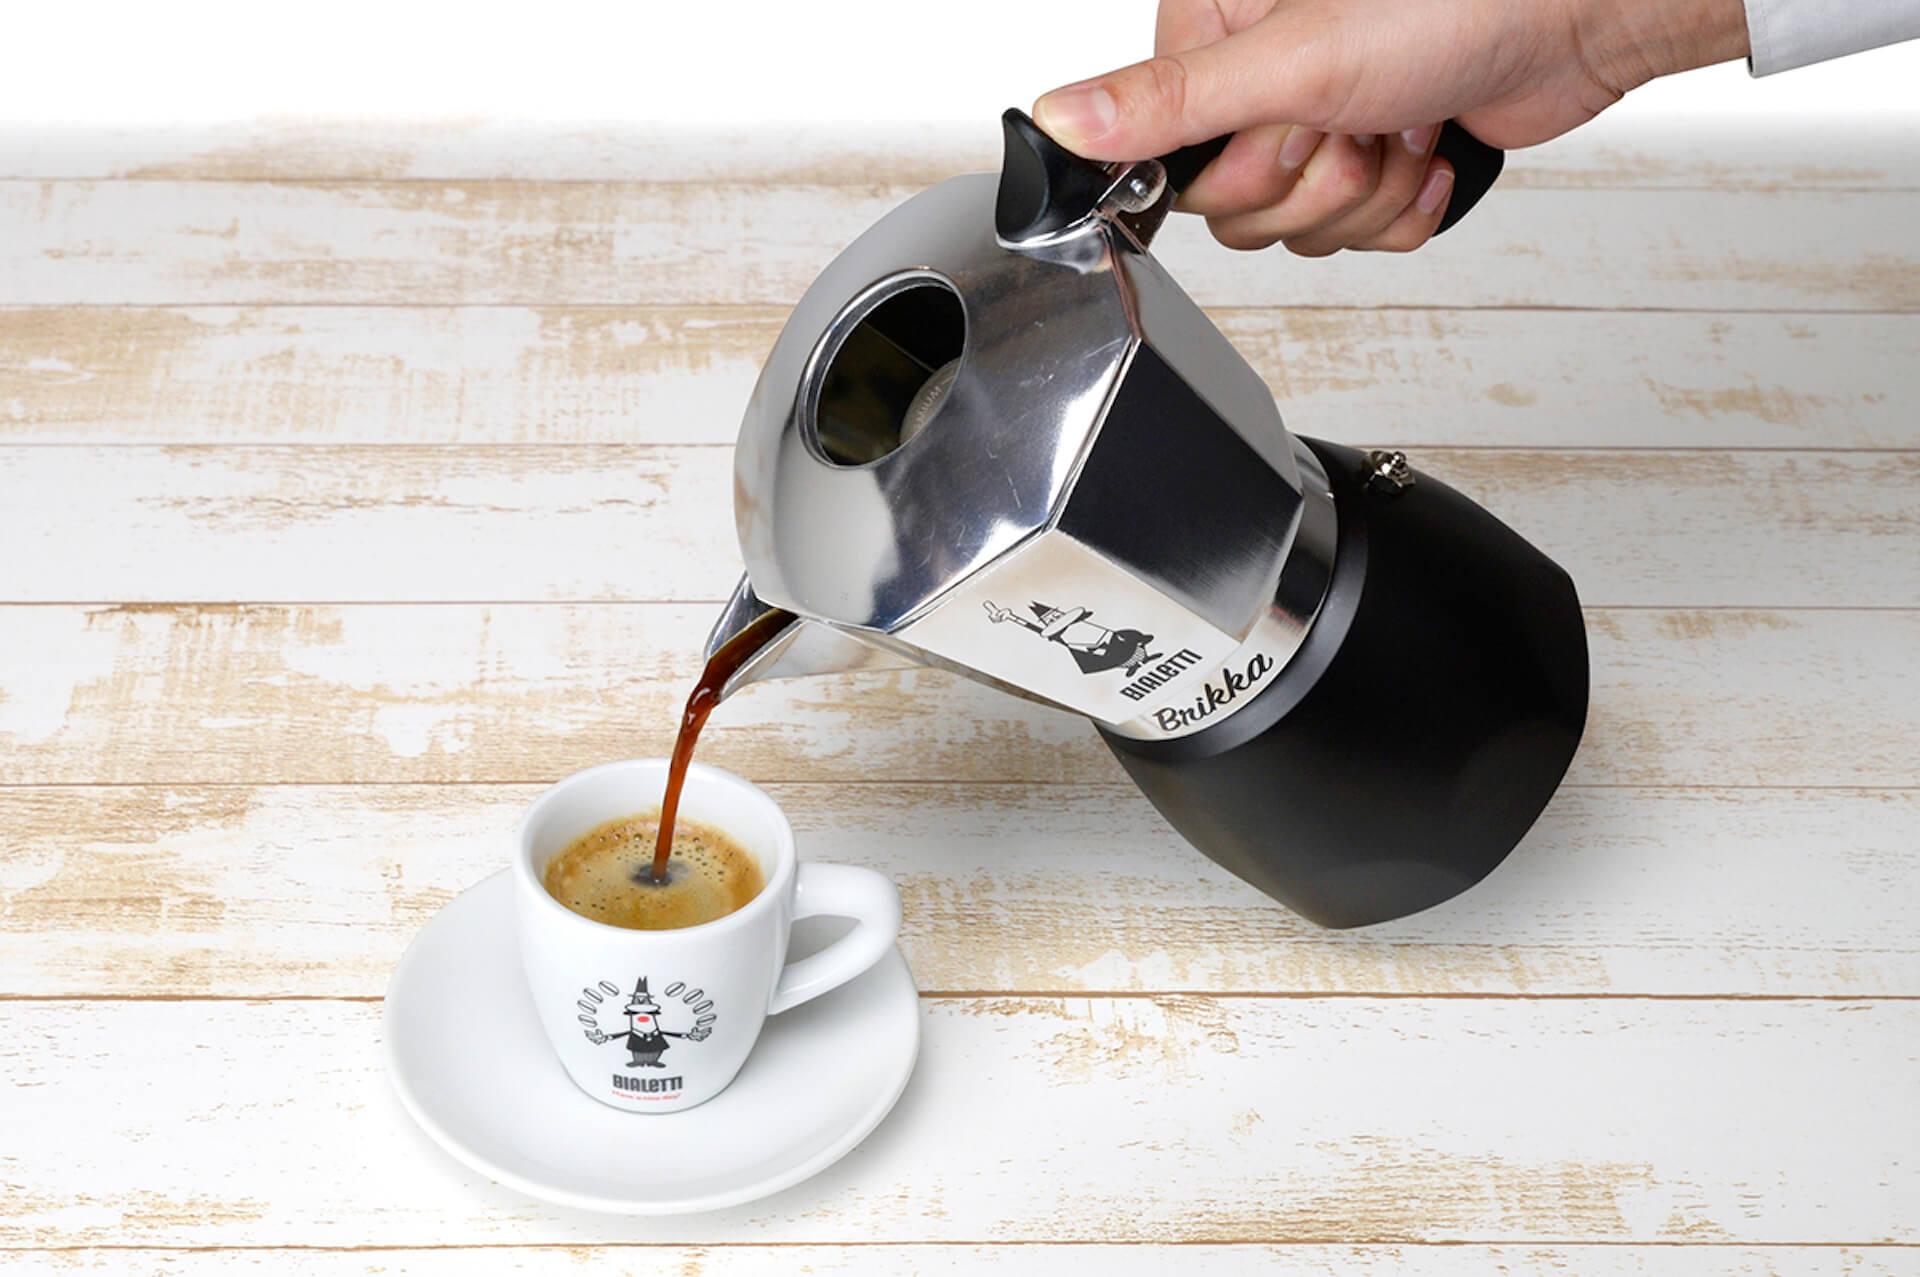 極上のコーヒータイムを嗜む! アウトドアや登山におすすめのギア&厳選コーヒー豆特集 life191118_jeep_coffee_7